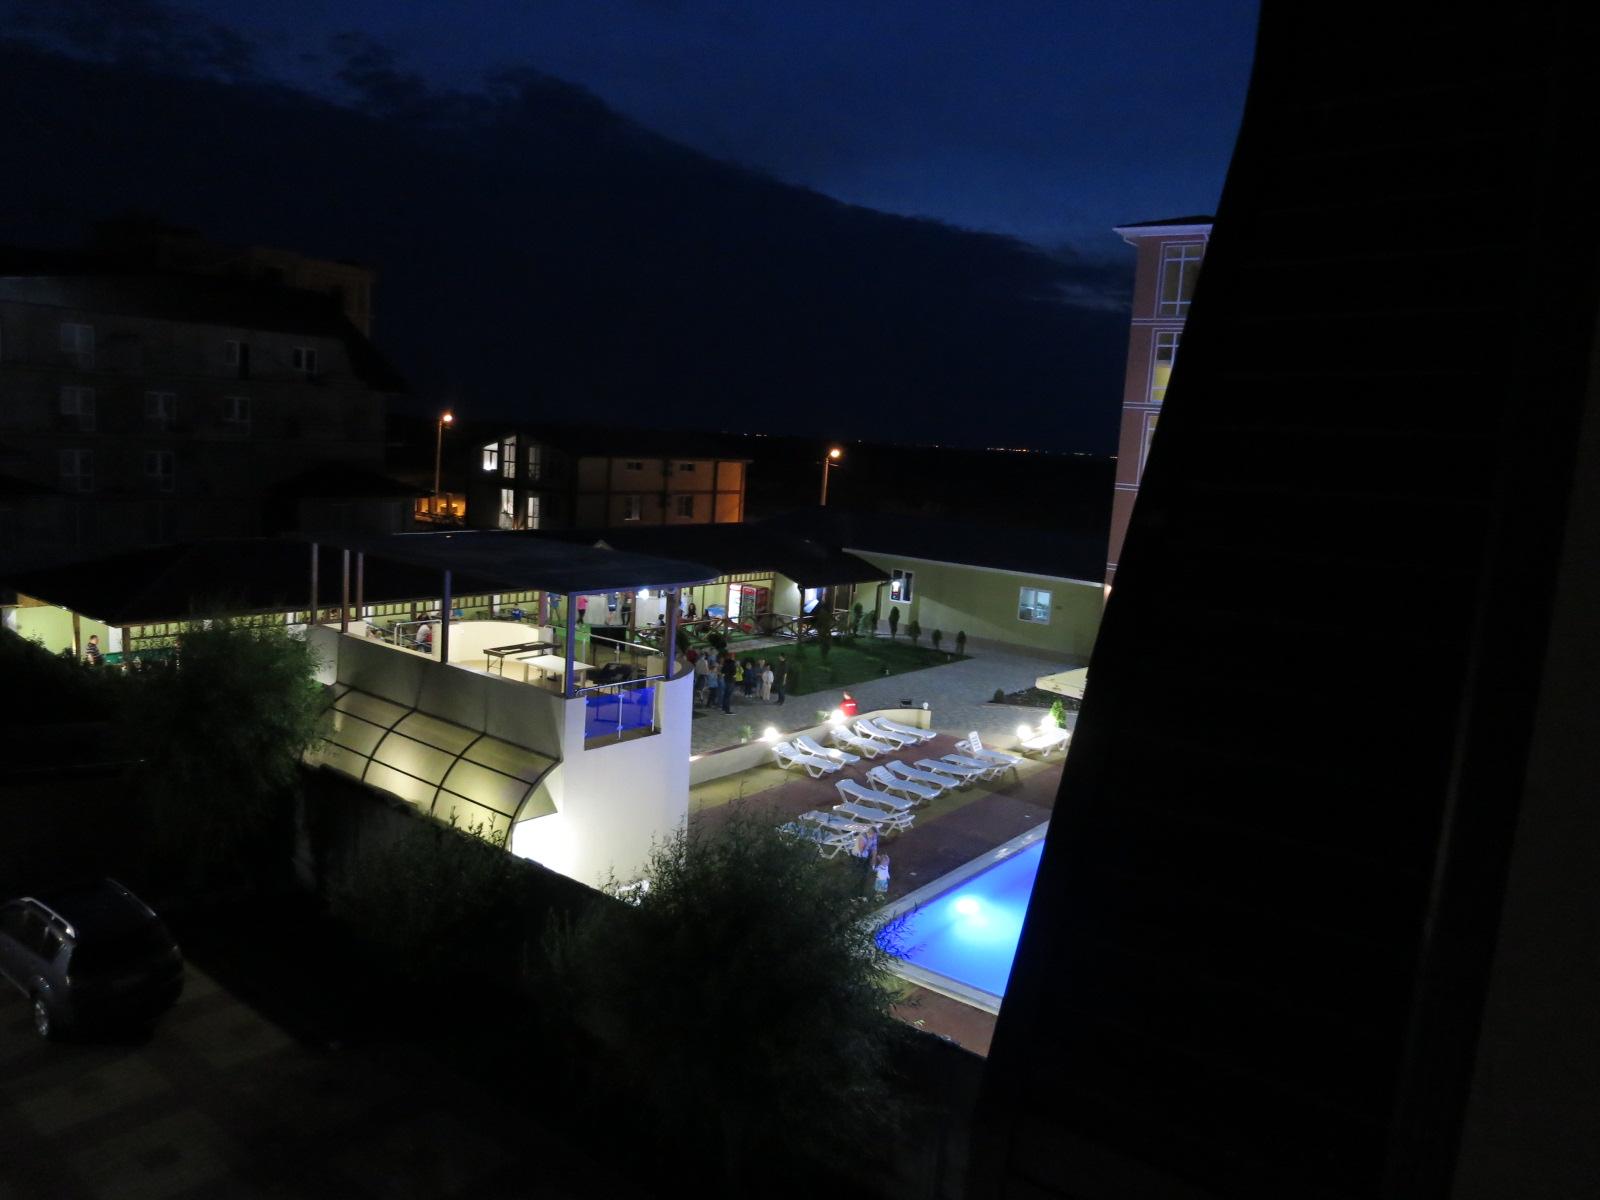 венера резорт в витязево официальный сайт фото